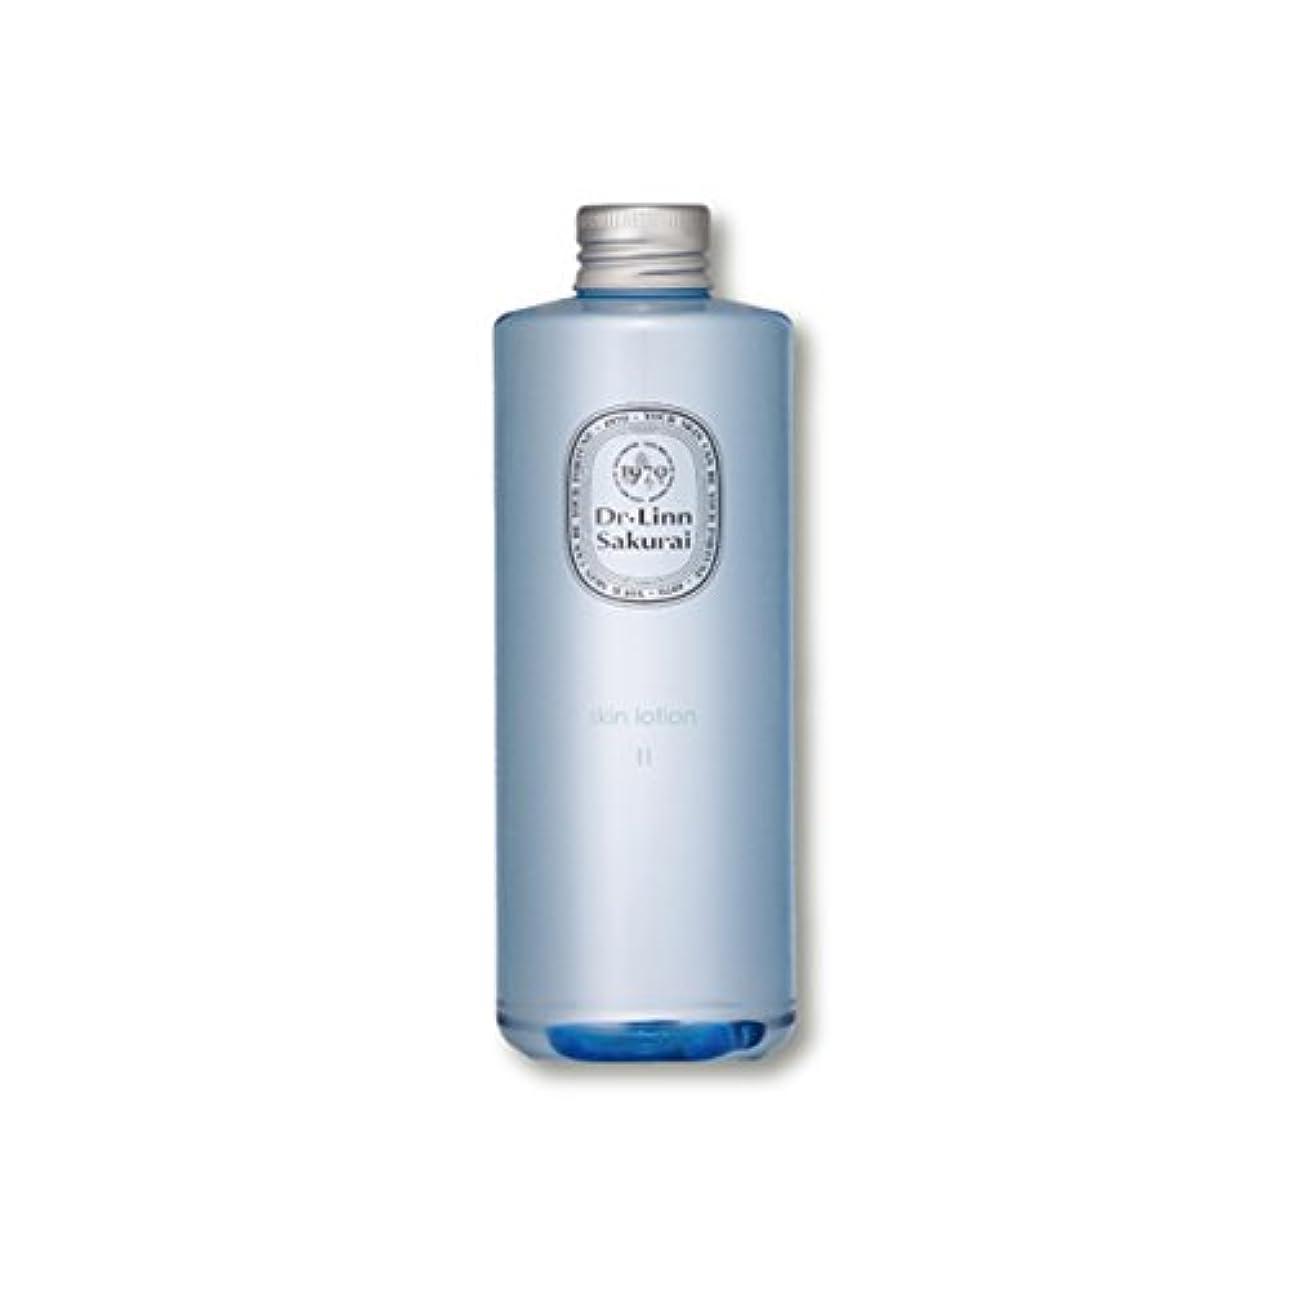 持参付属品空気ドクターリンサクライ スキンローションII しっとりタイプ 300ml  (化粧水)